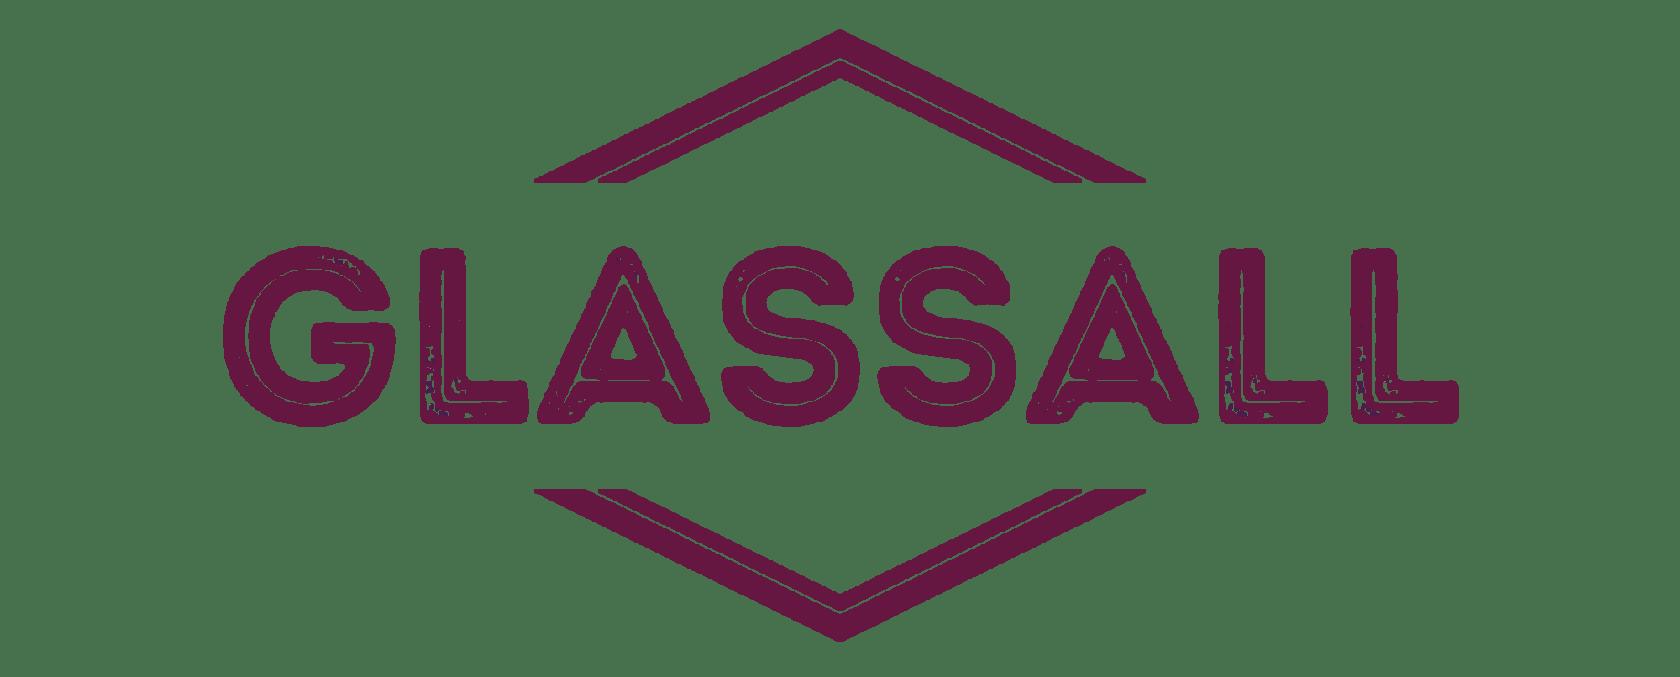 Glassall